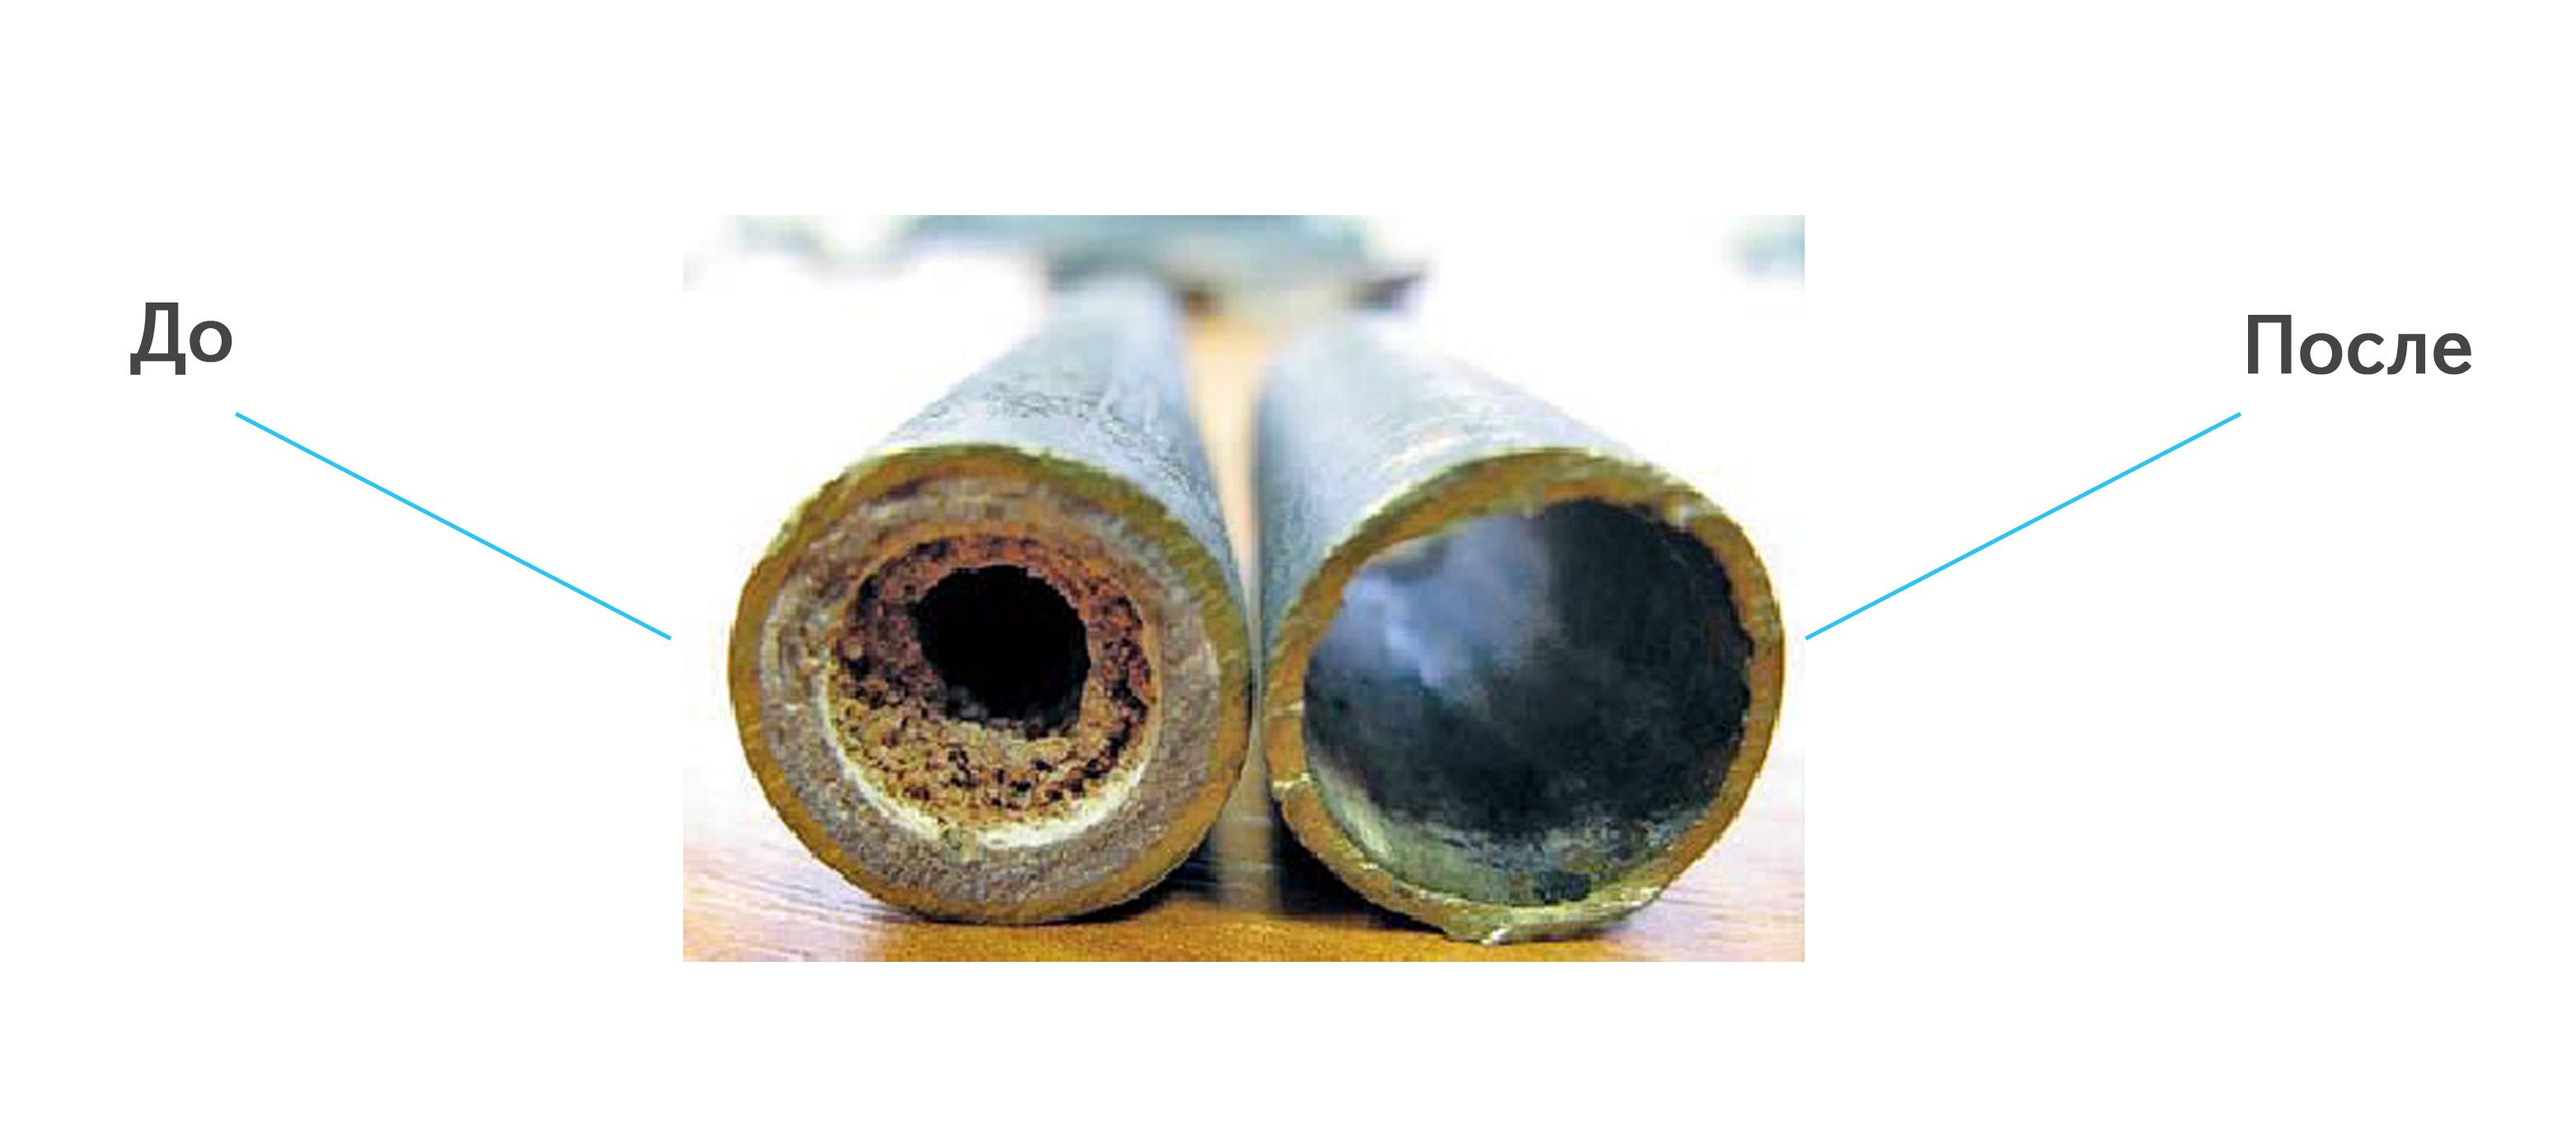 телочки как пробить водяную трубу от ржавчины страстно